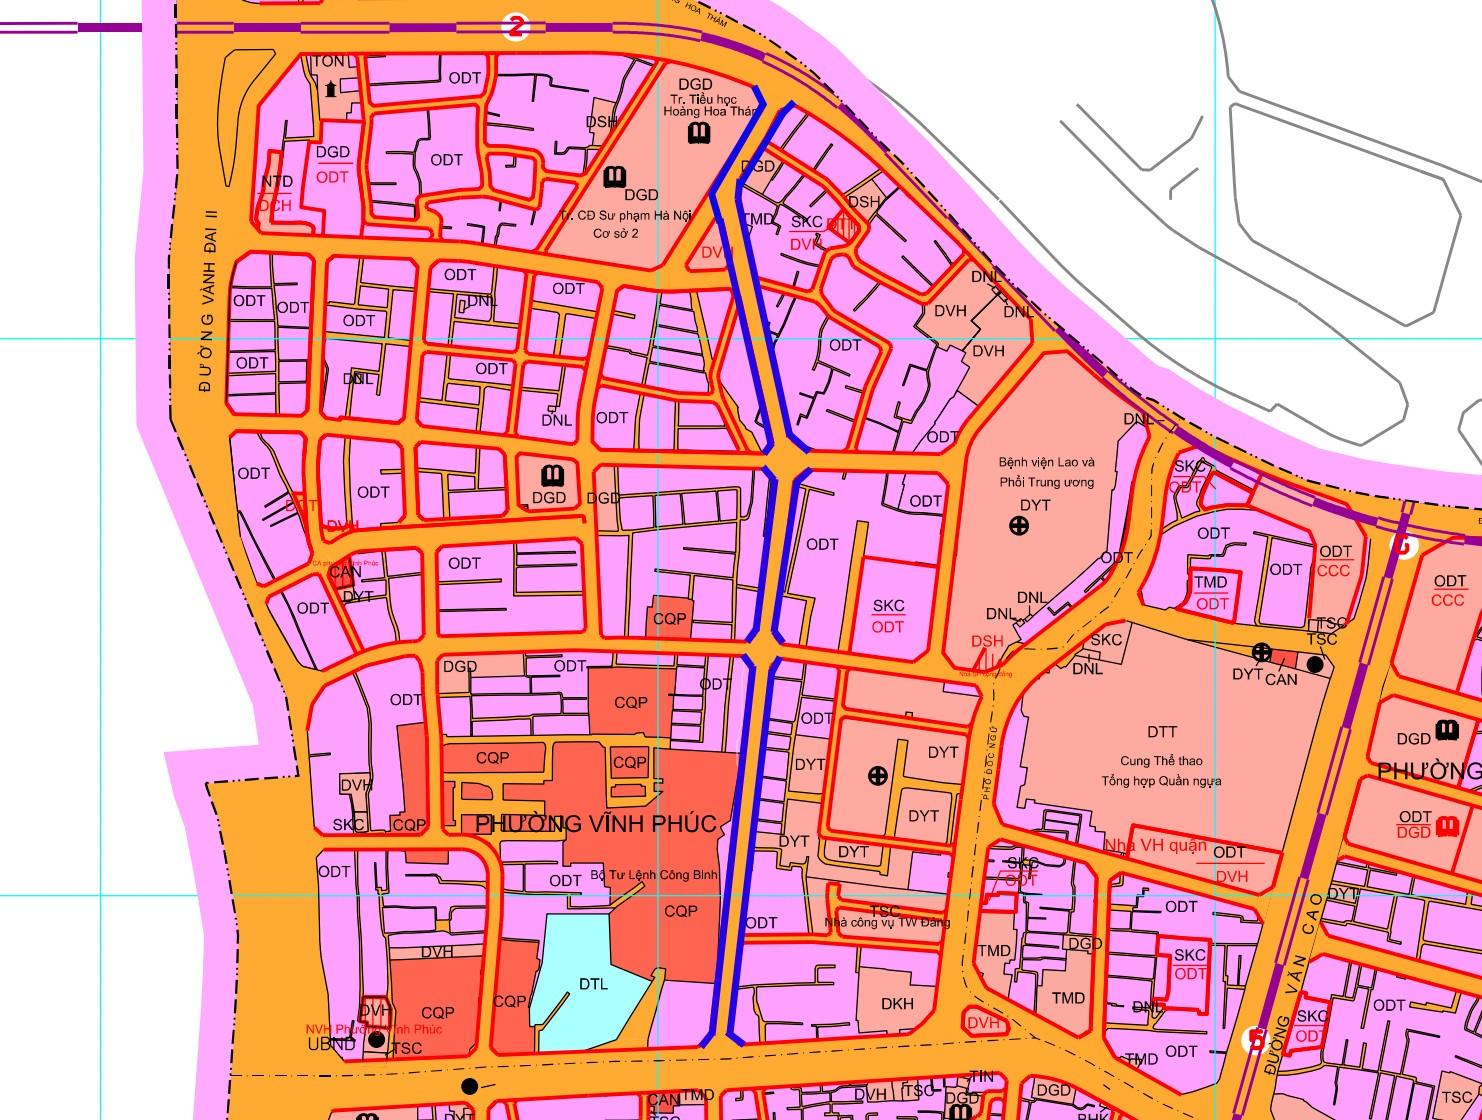 Những khu đất sắp thu hồi ở phường Vĩnh Phúc, quận Ba Đình (phần 2): Đường nối Đội Cấn - Vĩnh Phúc   - Ảnh 1.